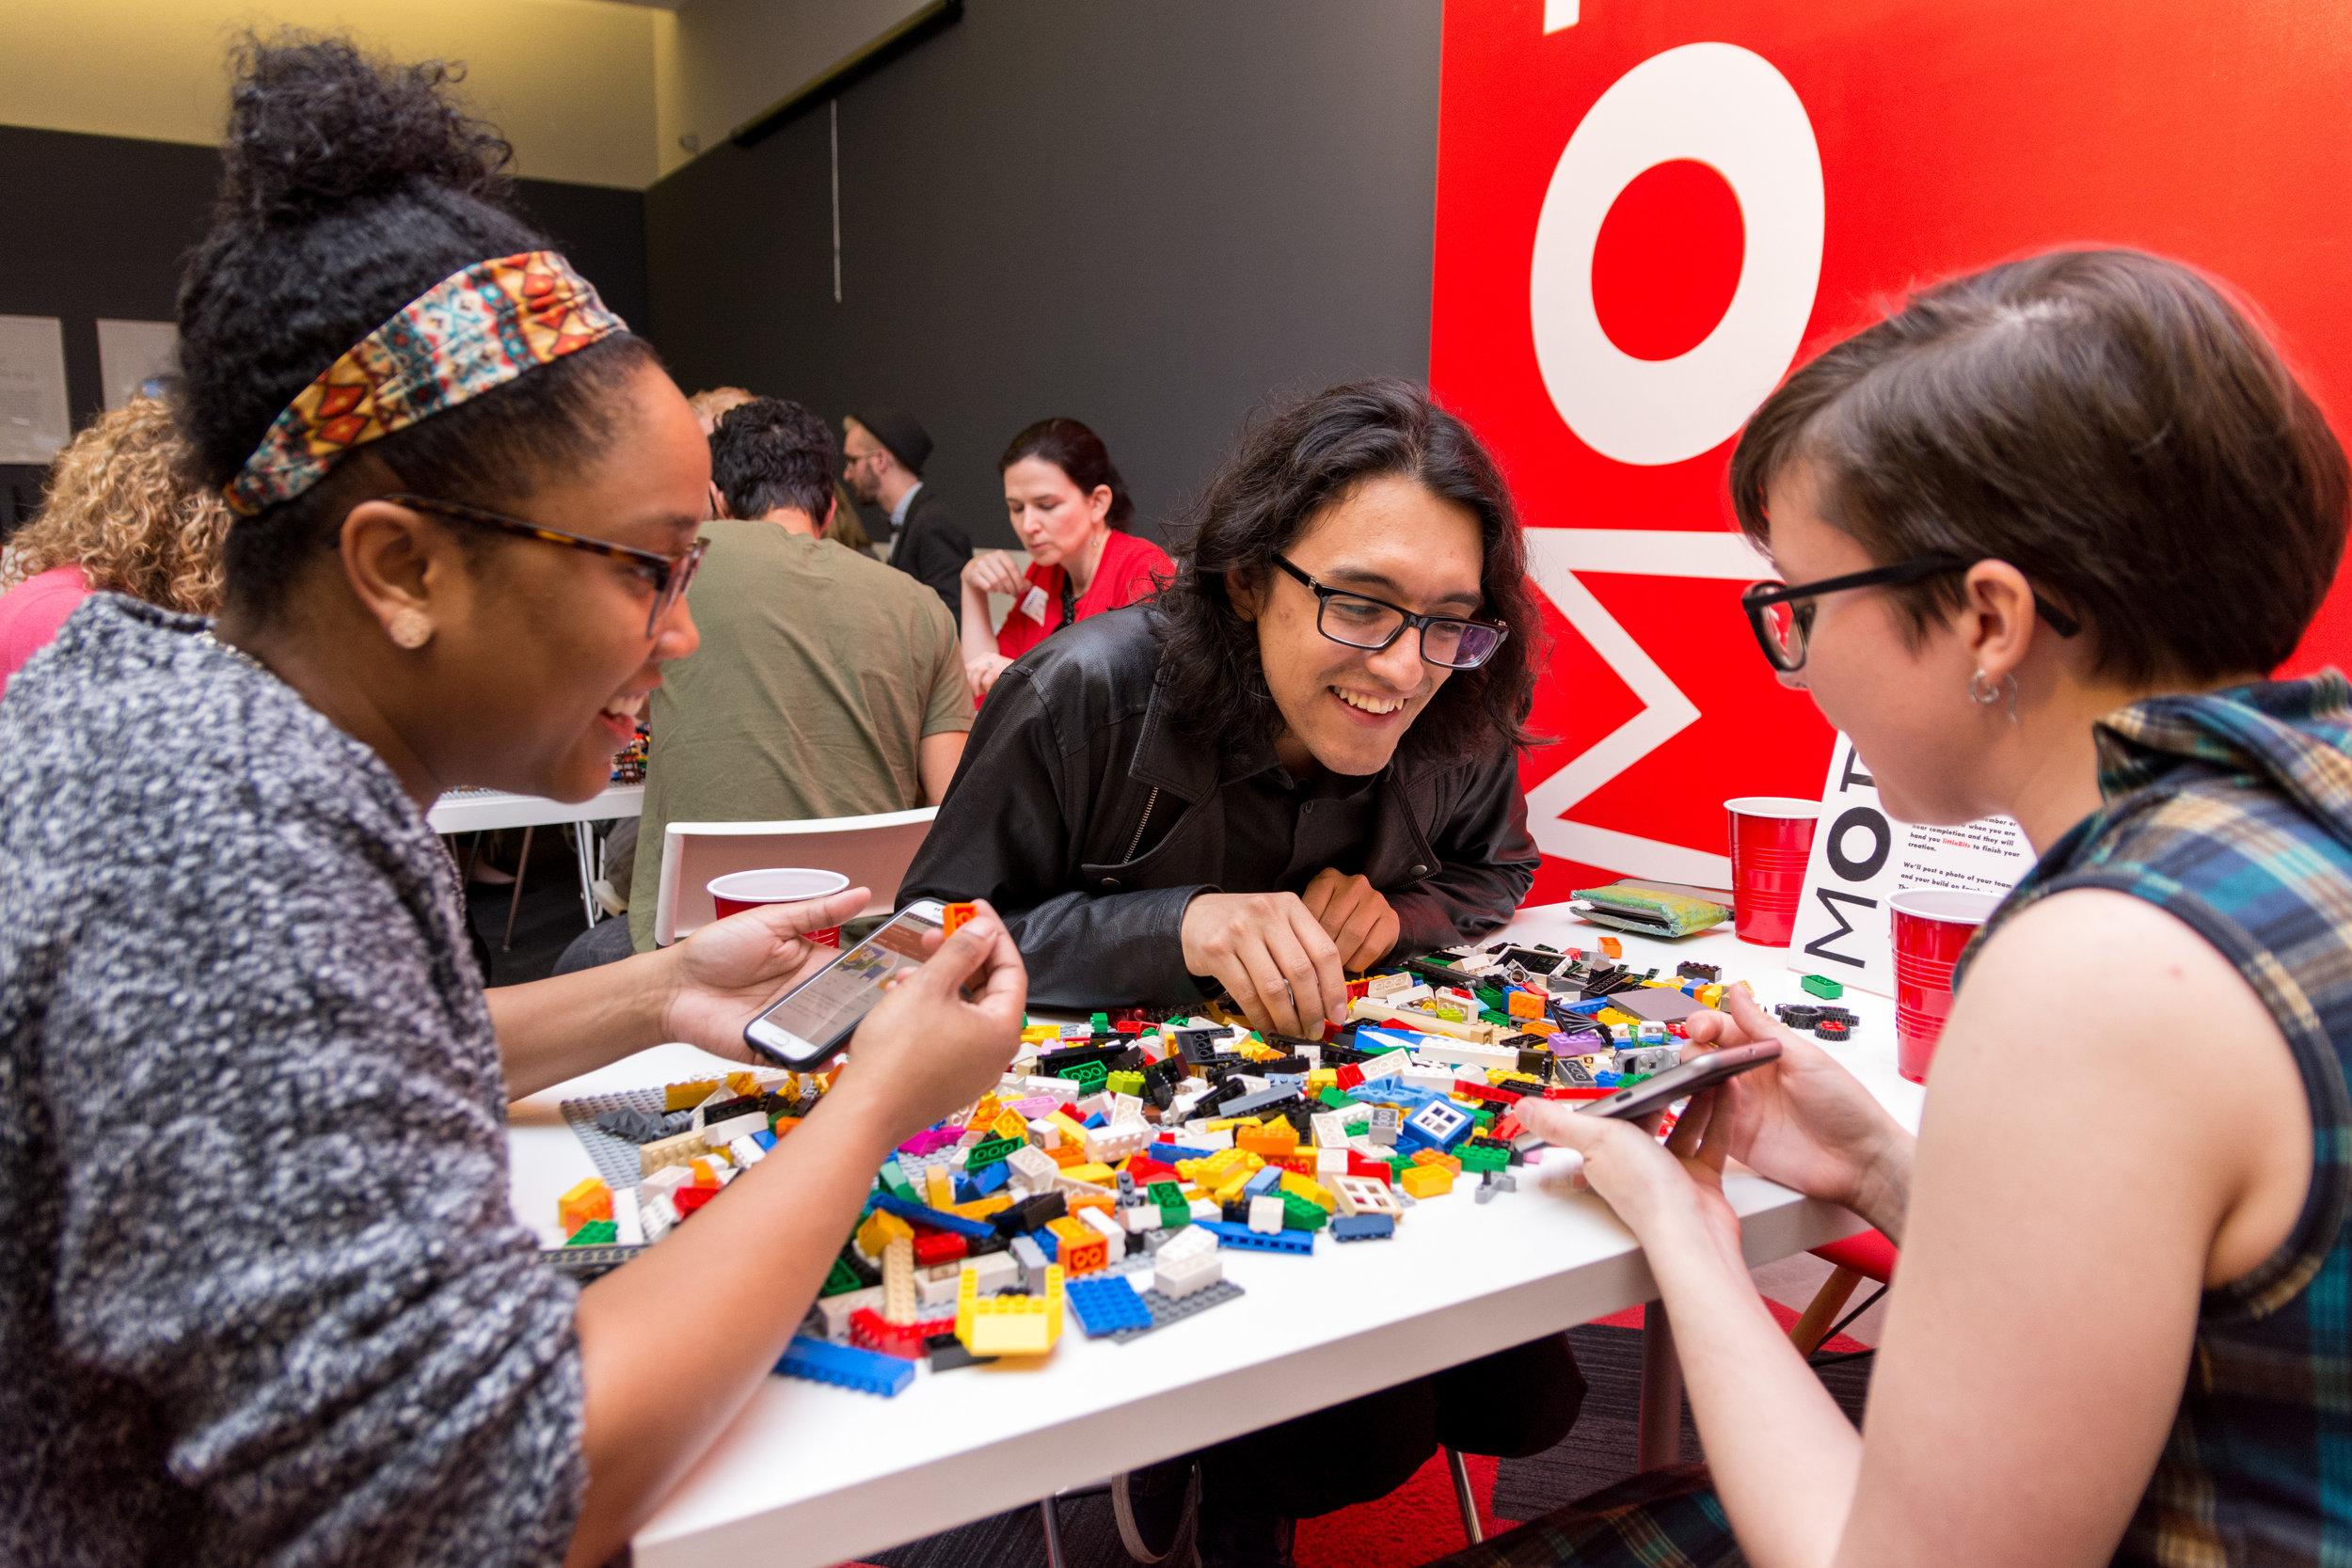 Museu of Design Atlanta LEGO event